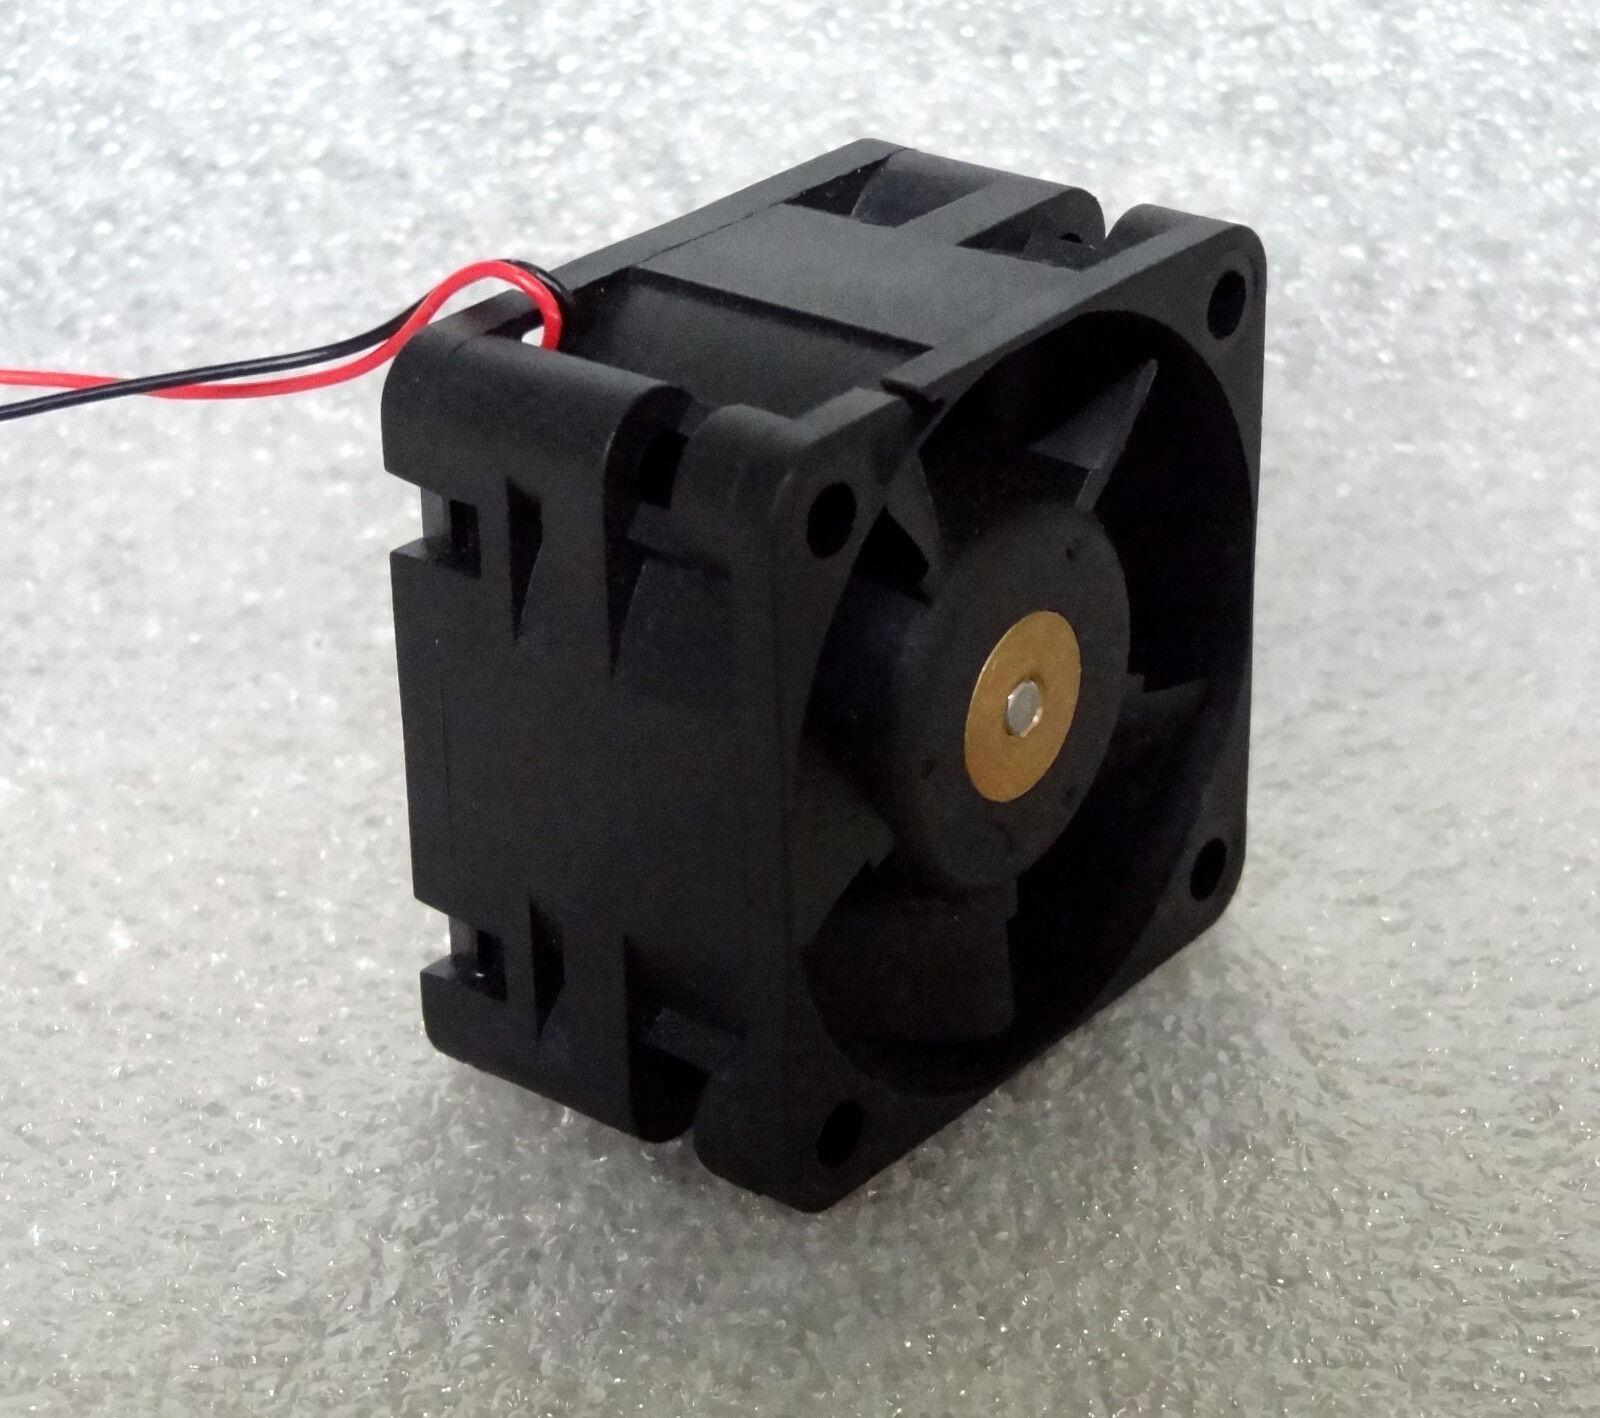 Sunon 40mm x 24mm Débit D'air Elevé 12v Ventilateur 17.5 CFM 2 Boule Bare Câbles